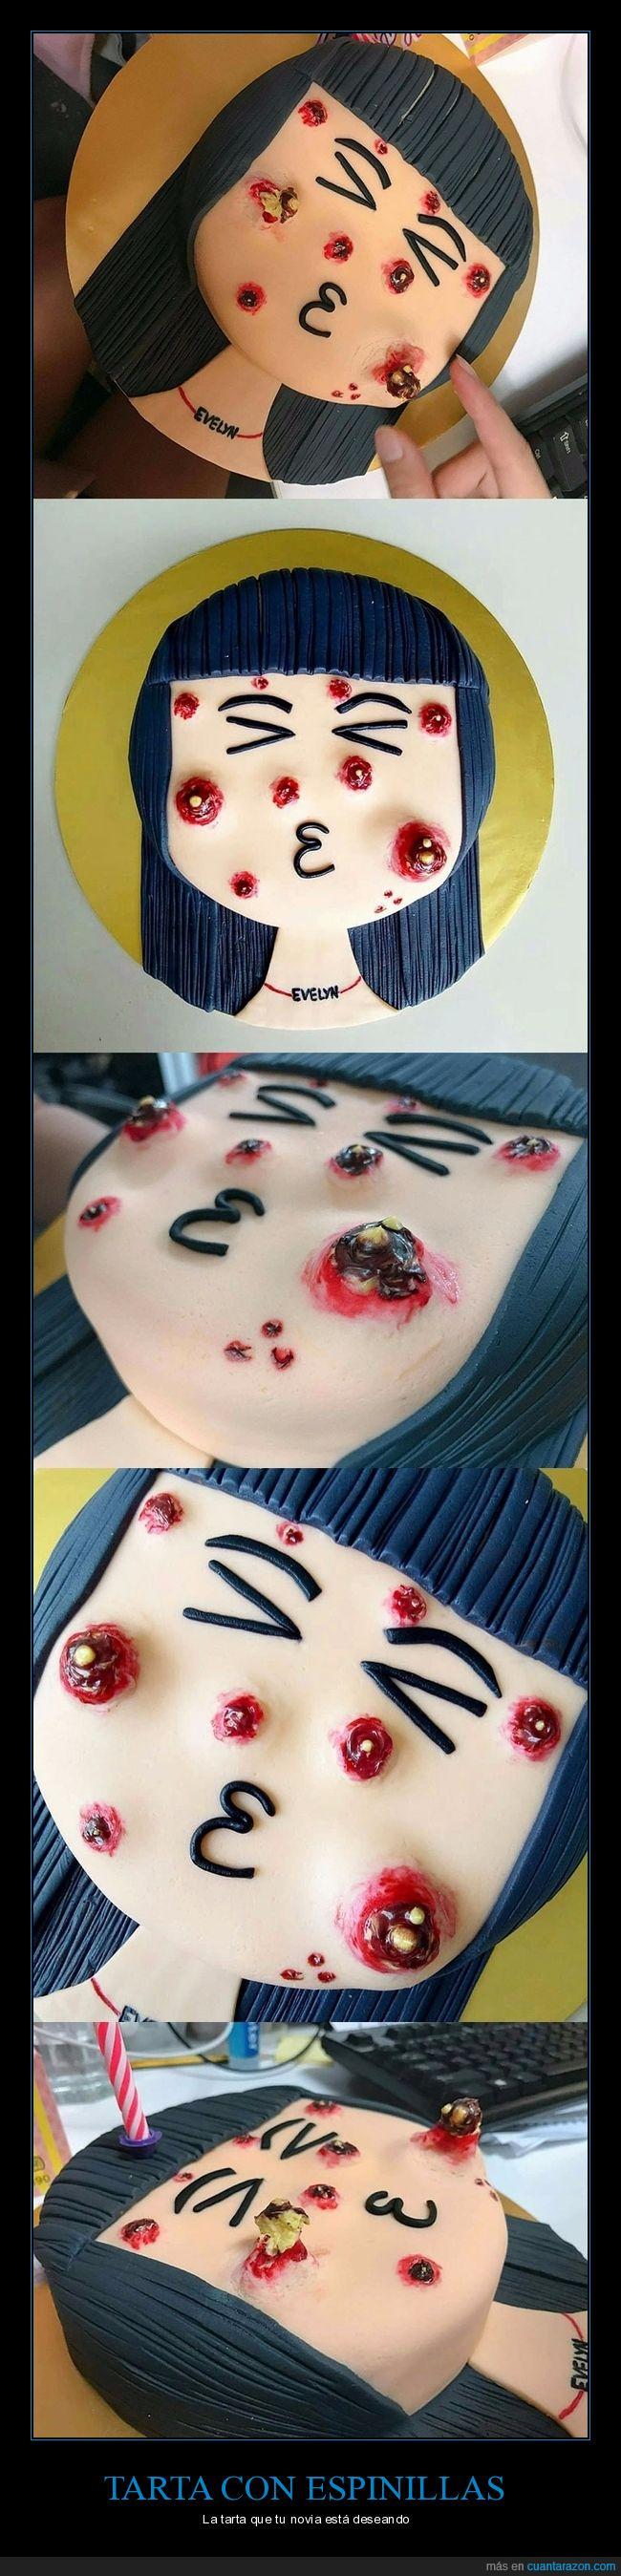 espinillas,explotar,tarta